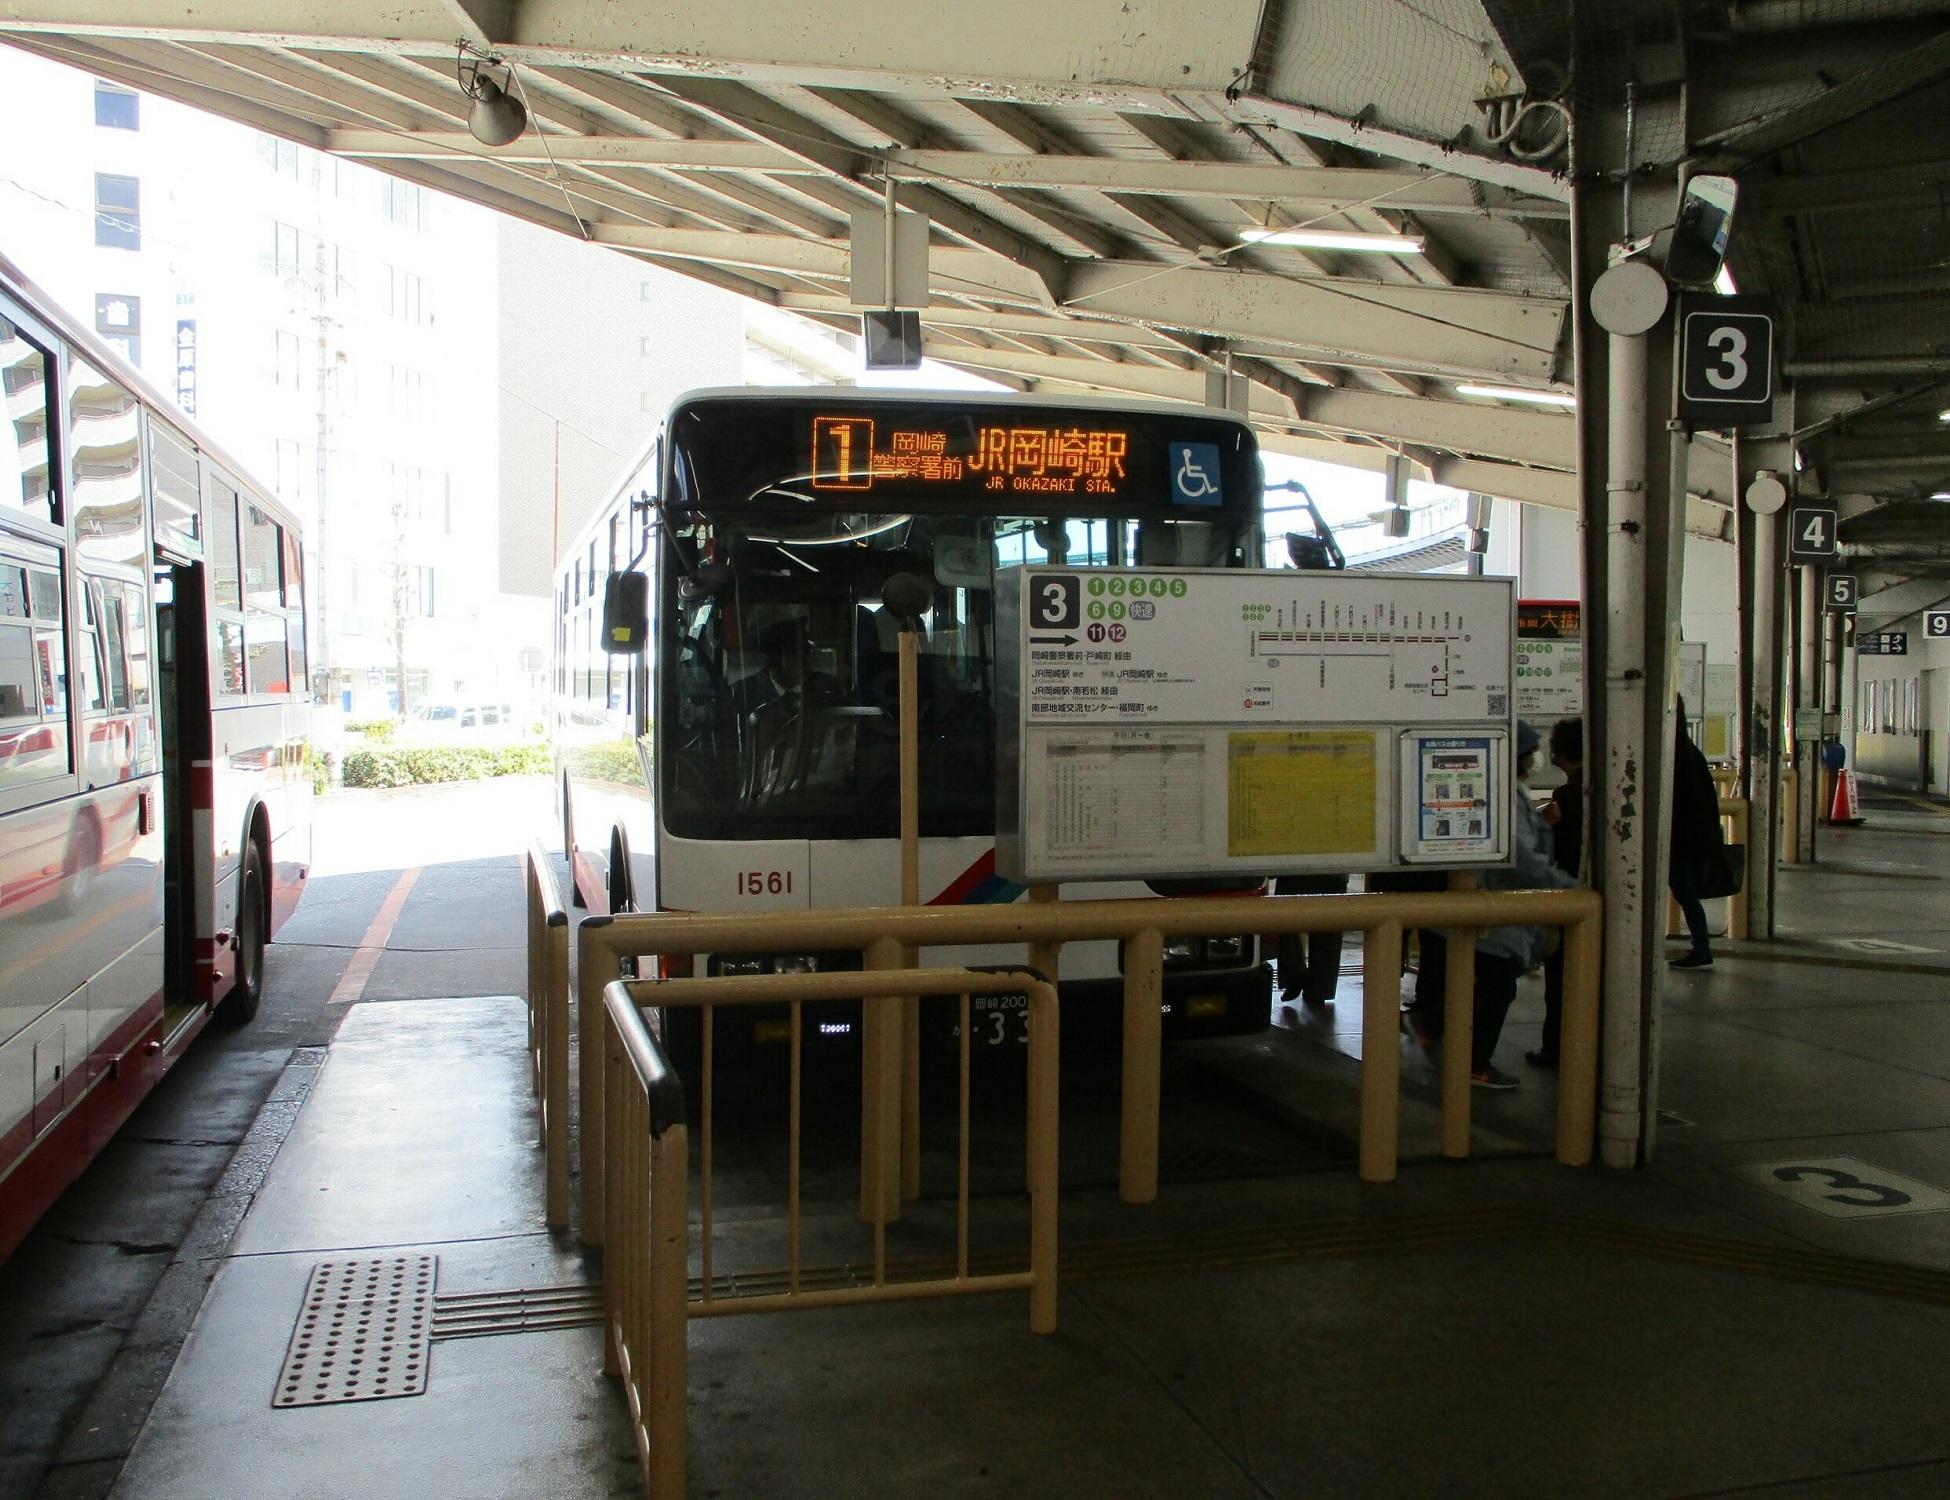 2019.4.9 (6) 東岡崎 - JR岡崎駅いきバス 1950-1500